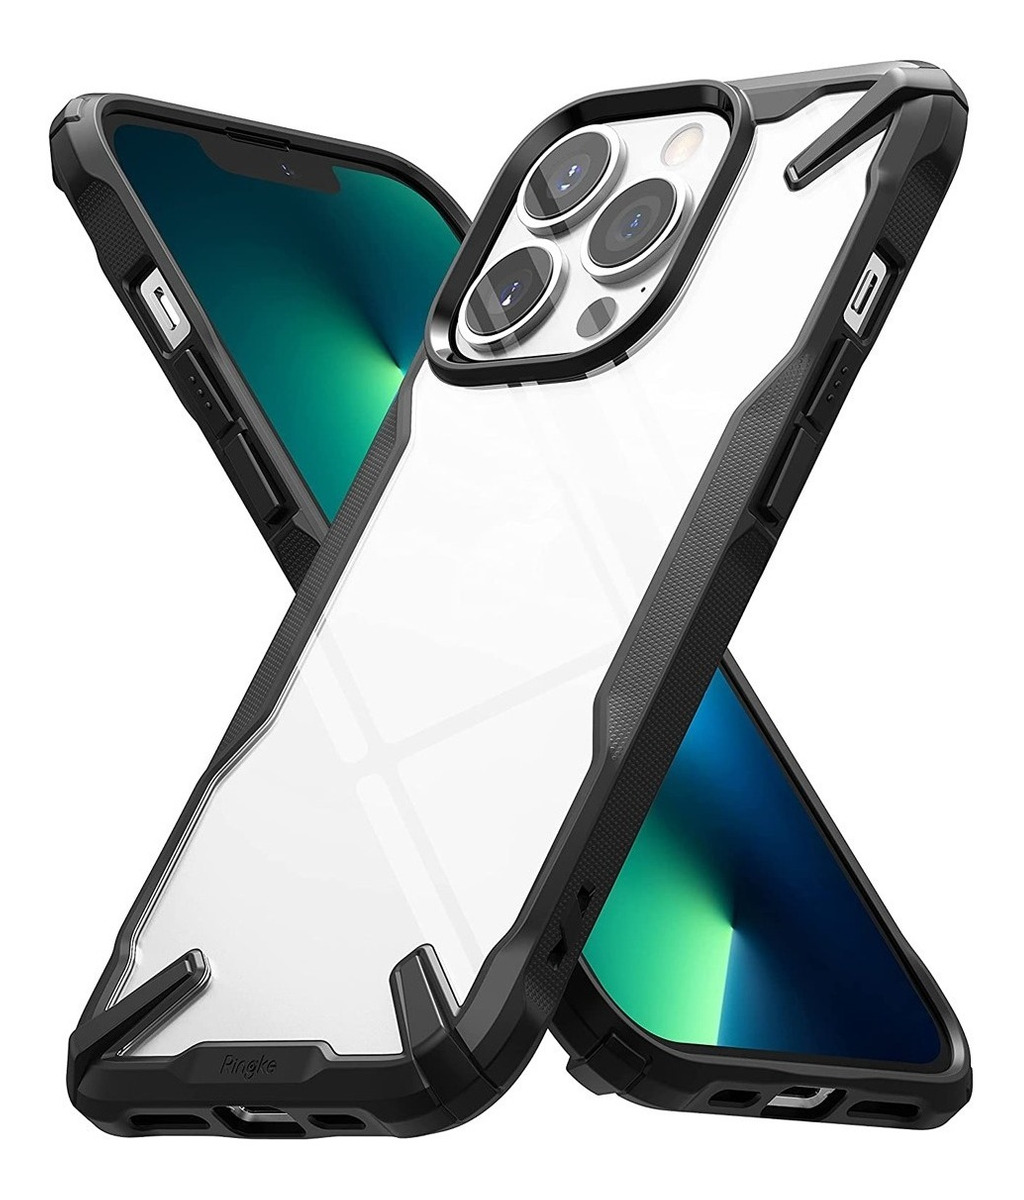 FUNDA RINGKE FUSION X IPHONE 13 PRO MAX NEGRO